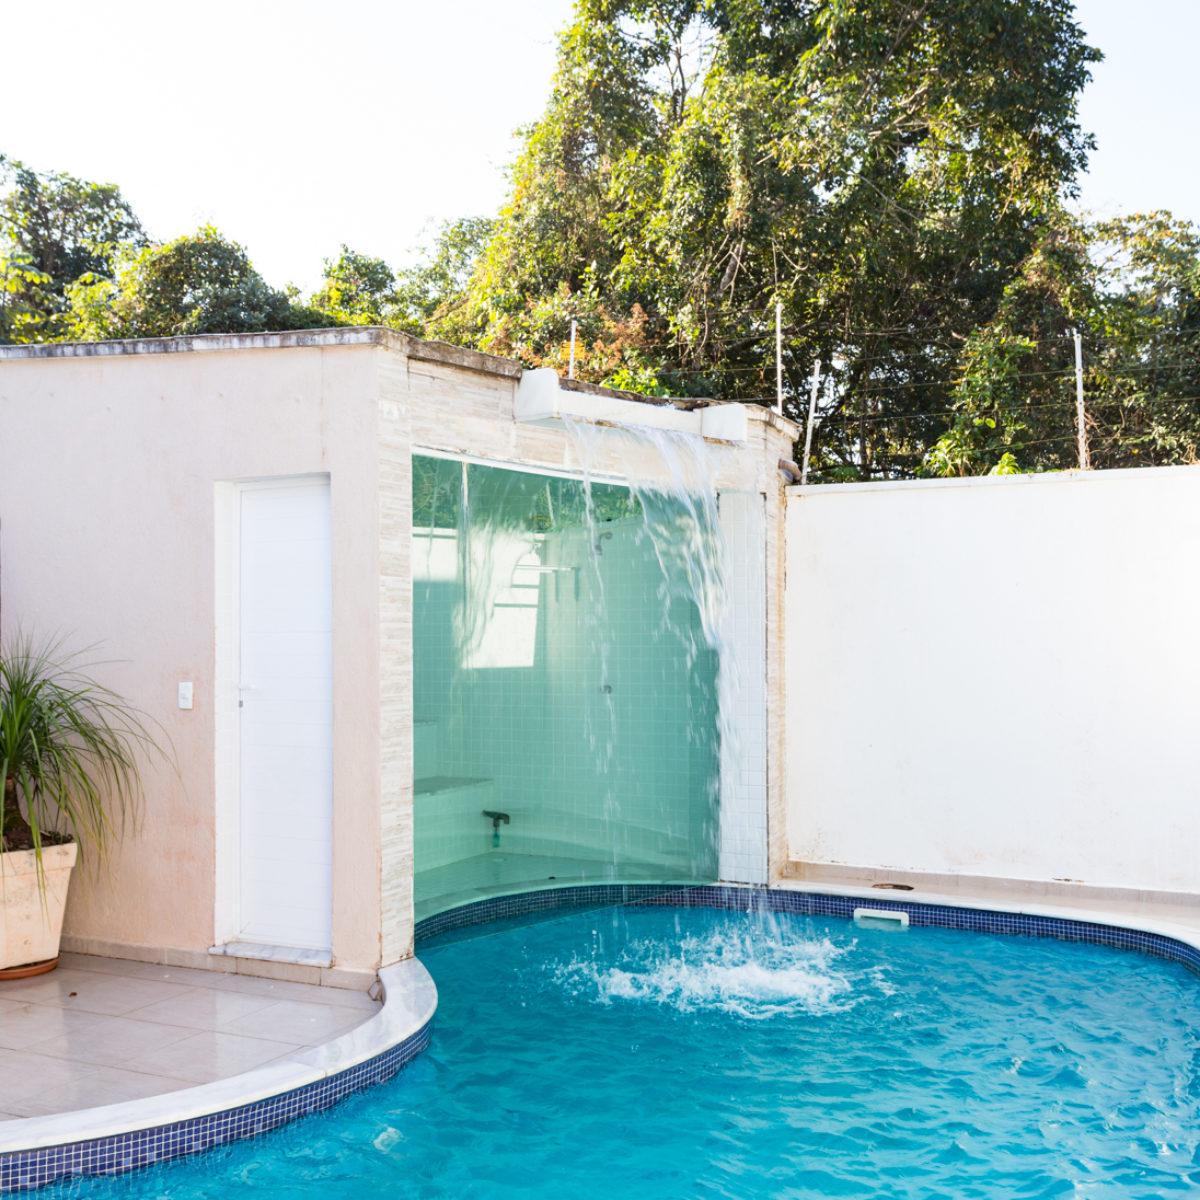 Ref: R$837.000,00 Lindo Sobrado com área de Lazer completa(80537)